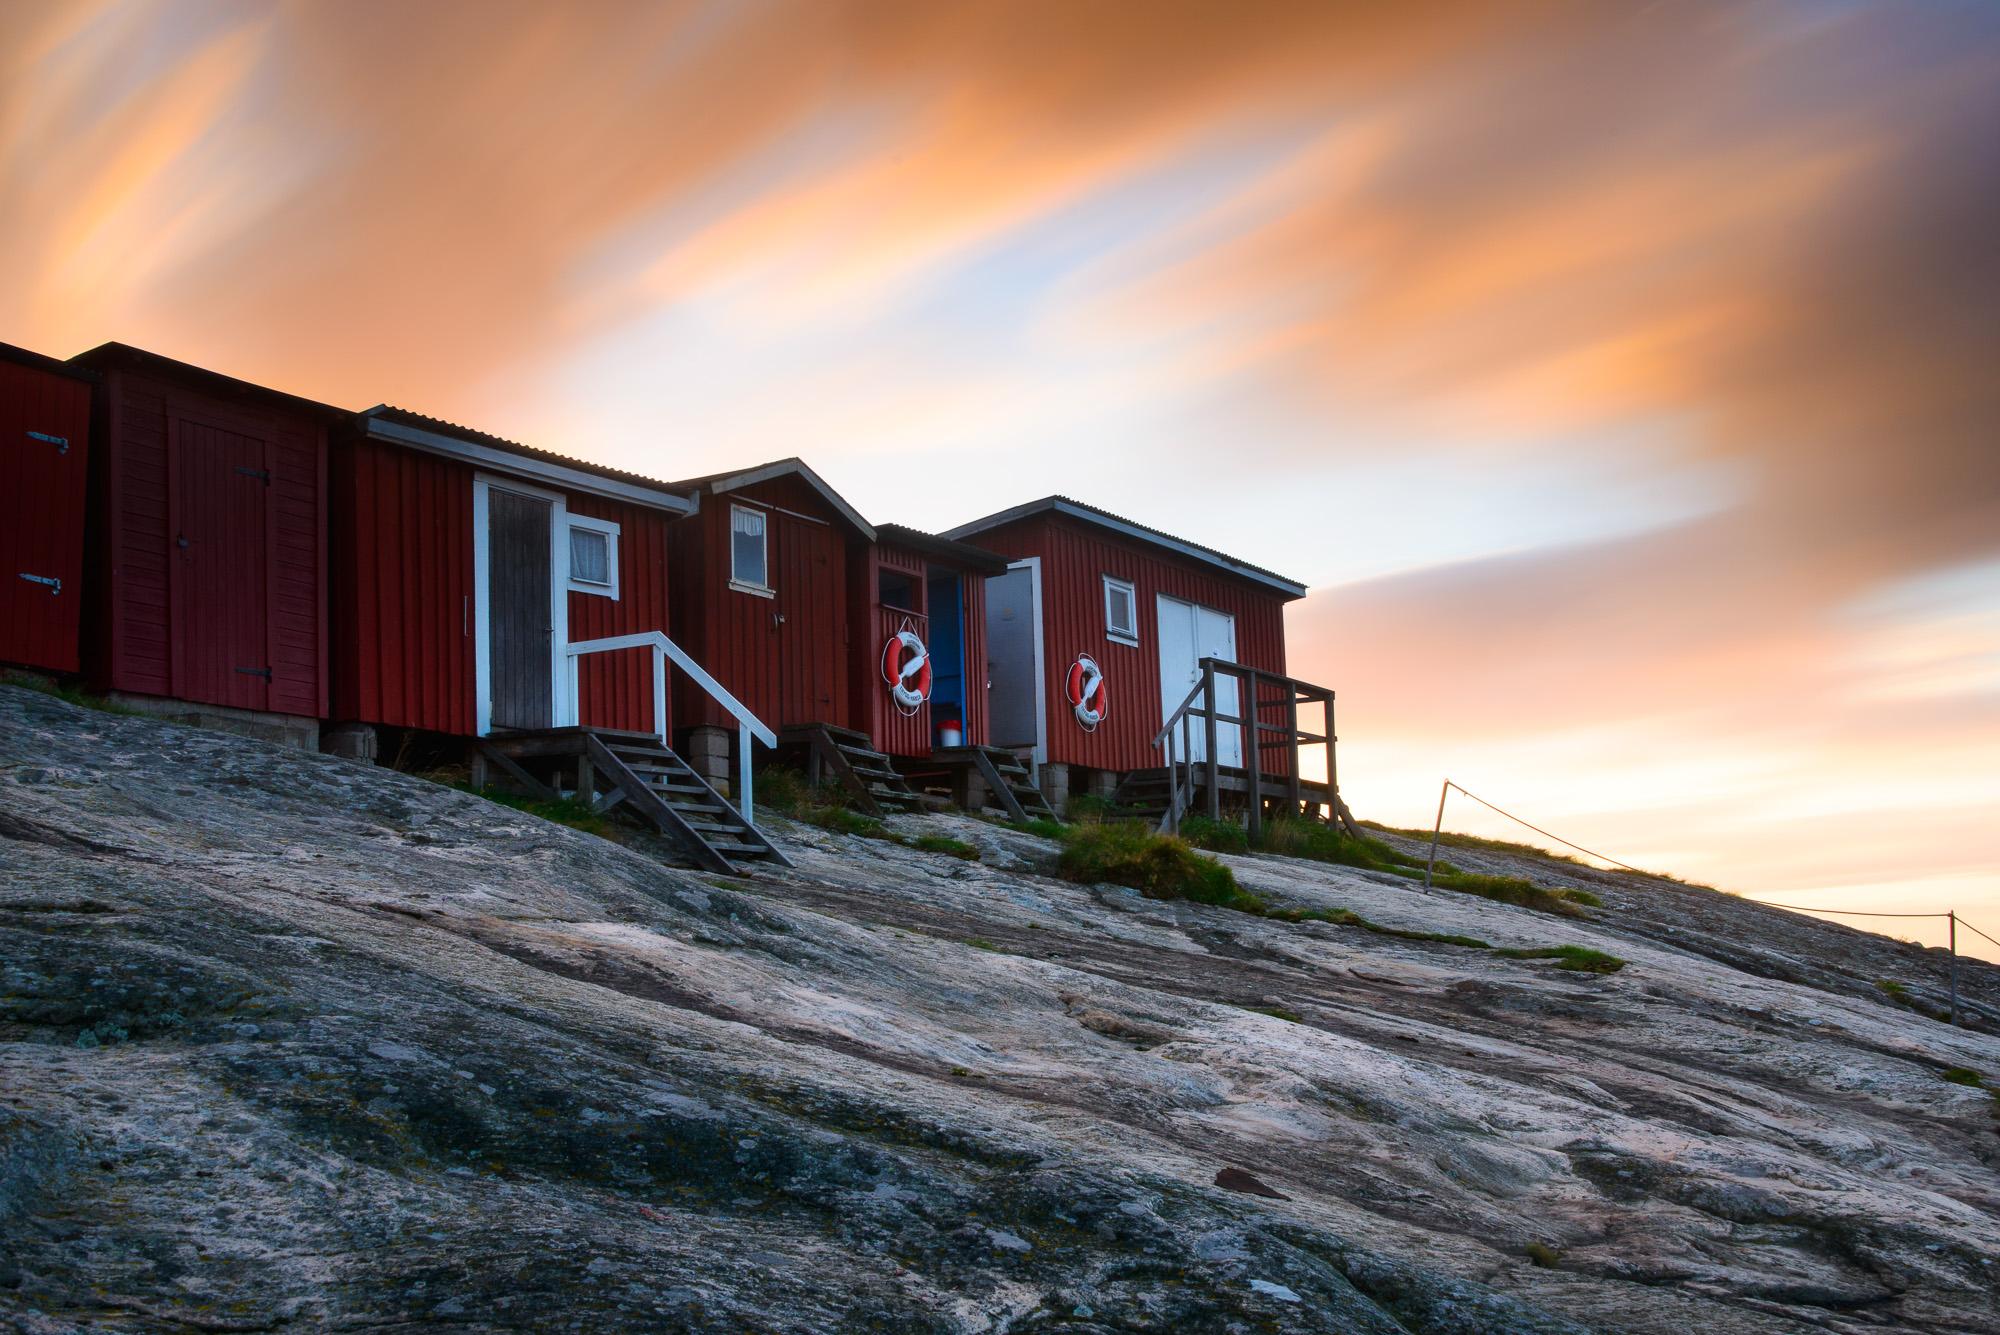 Frillesås, Halland